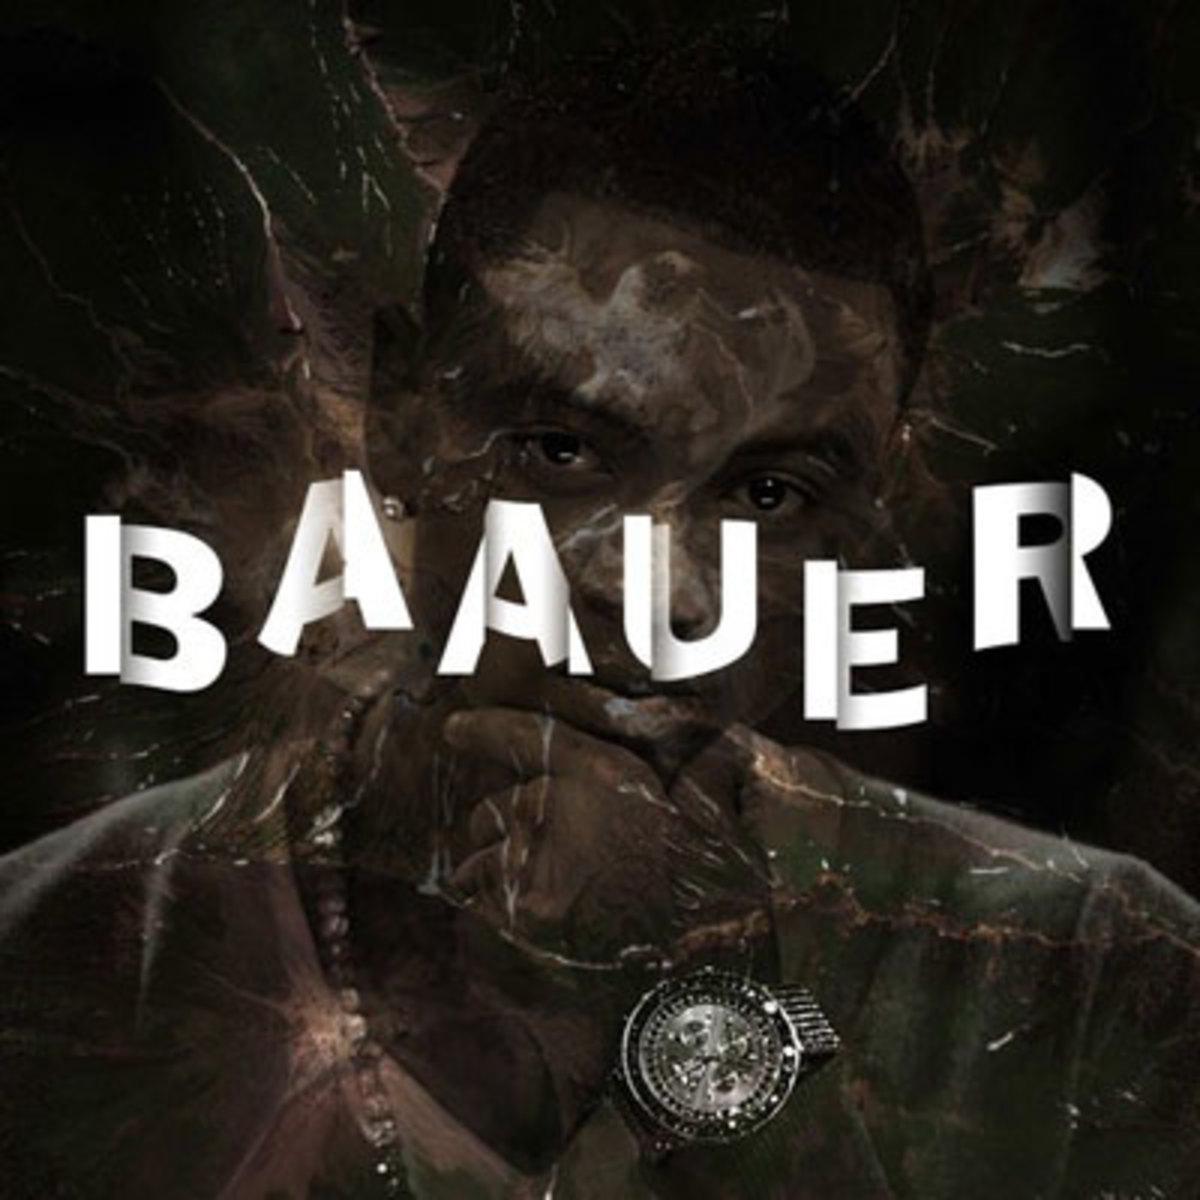 baauer-soulja.jpg